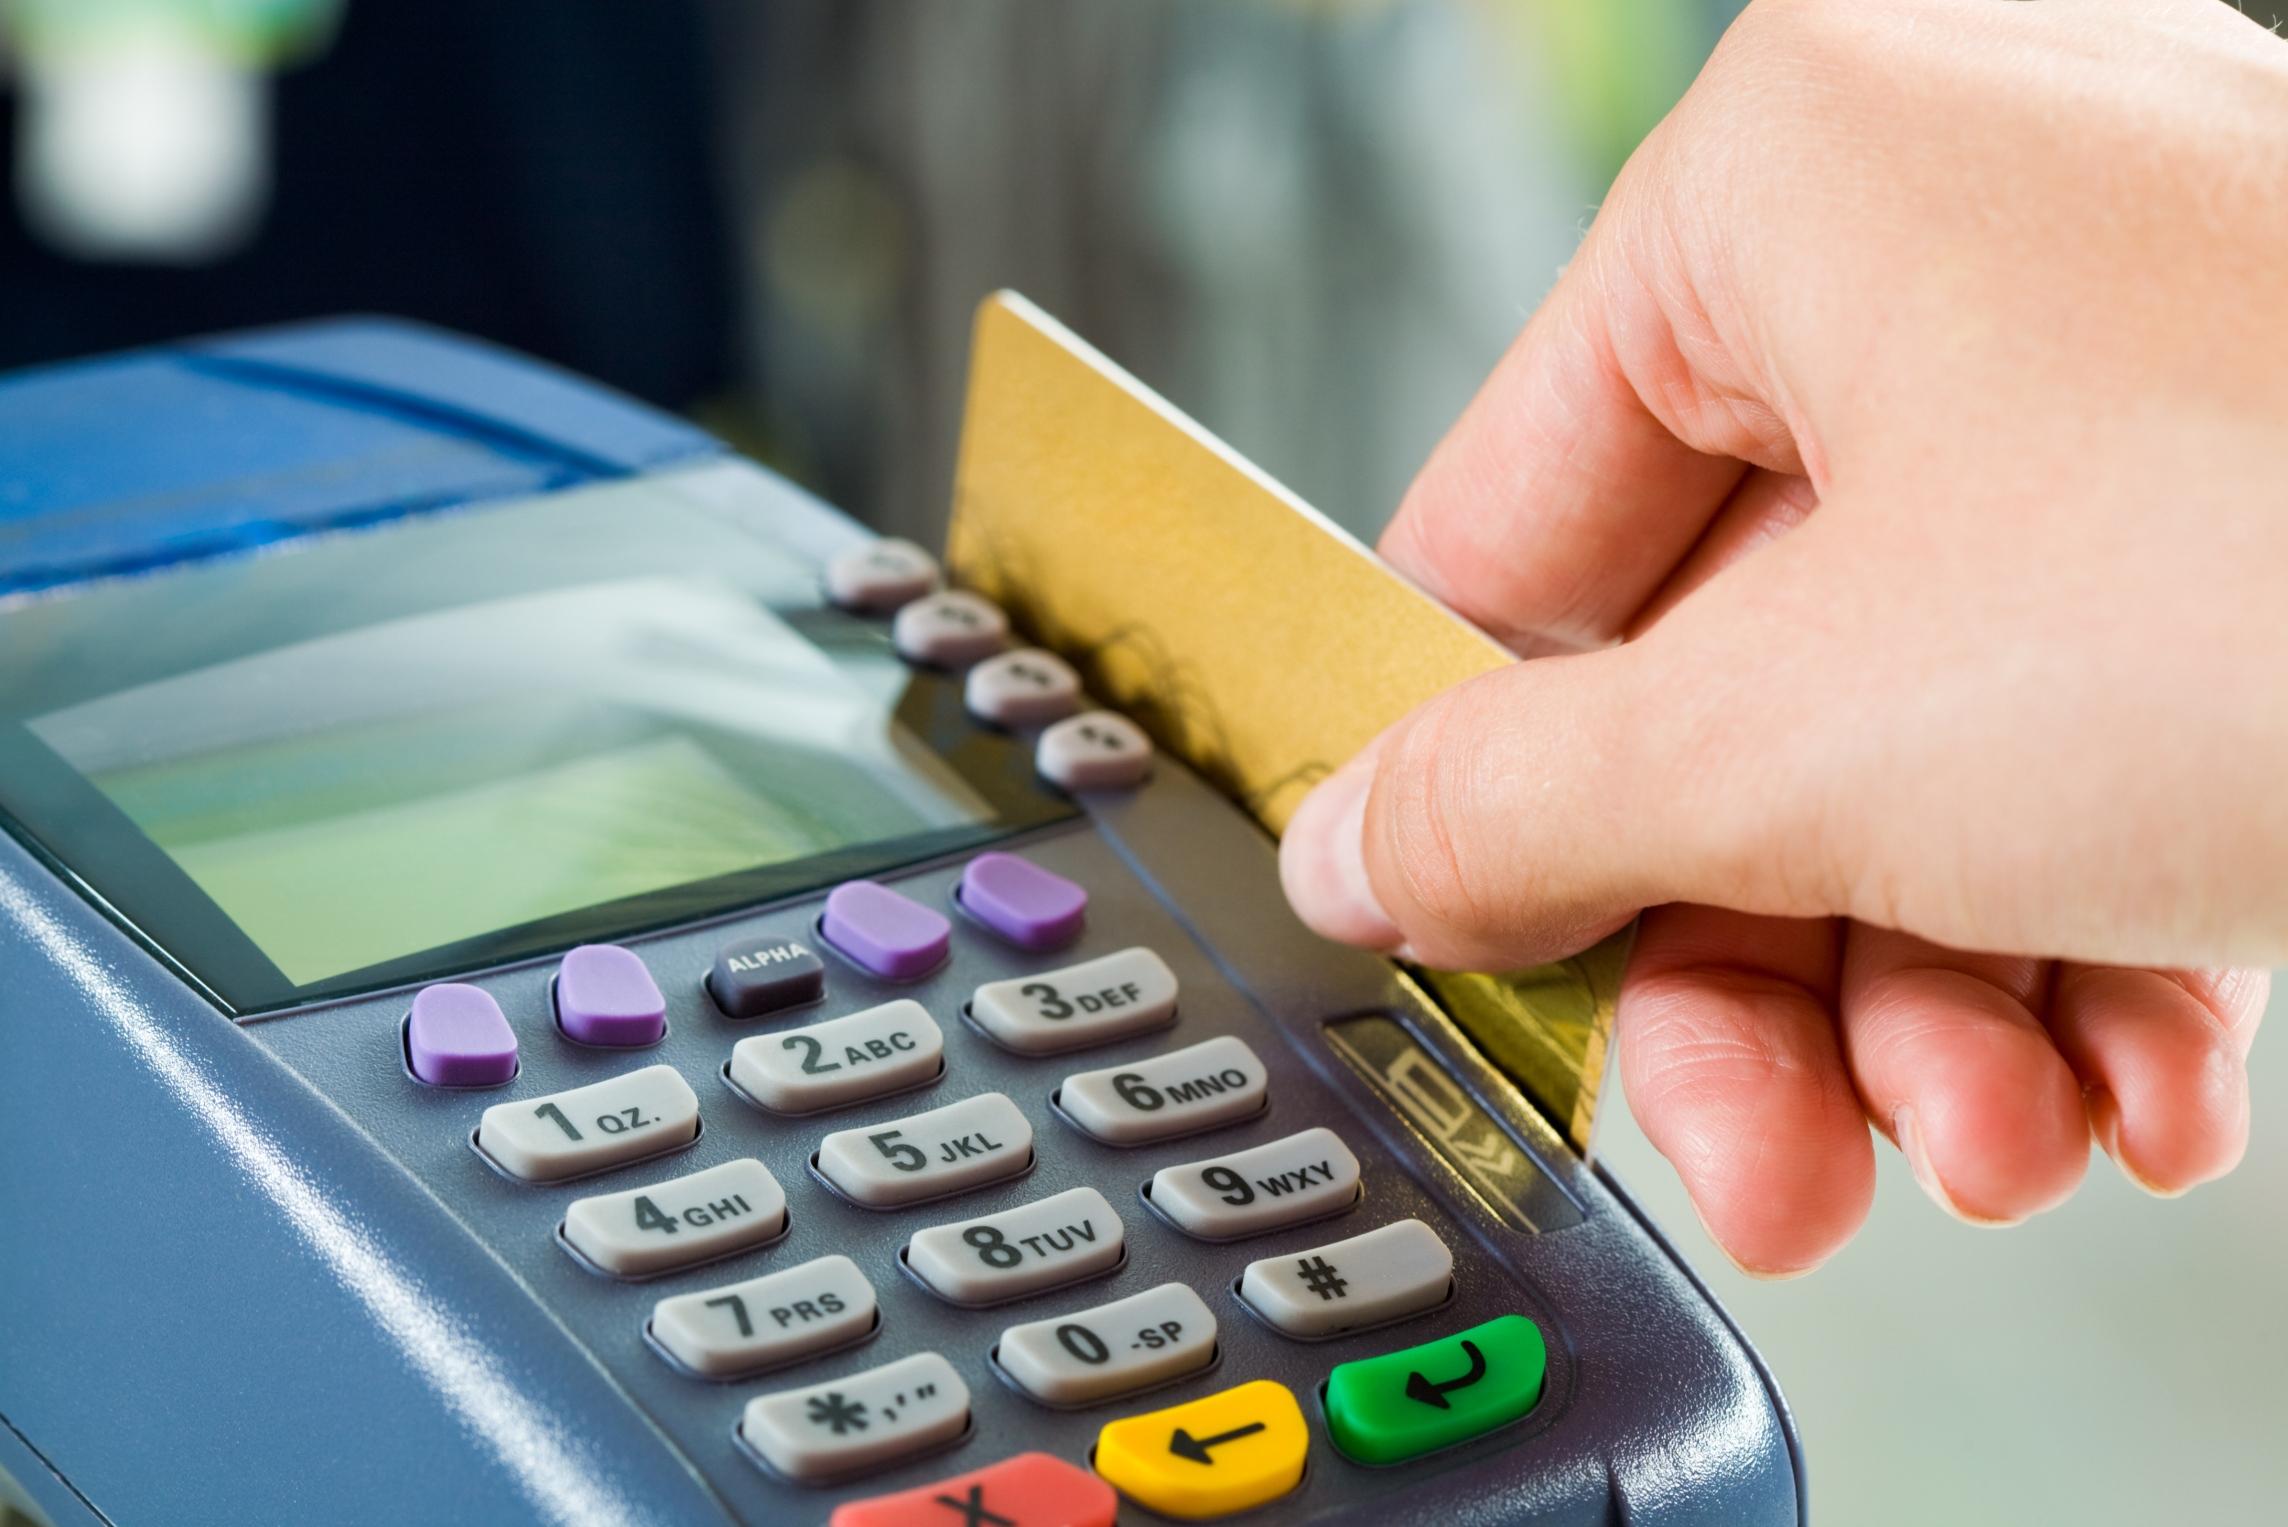 Казахстанцы ежемесячно обналичивают с платежных карт более триллиона тенге  , Платежная карта, деньги , Банк, Народный банк, Fortebank, Kaspi Bank